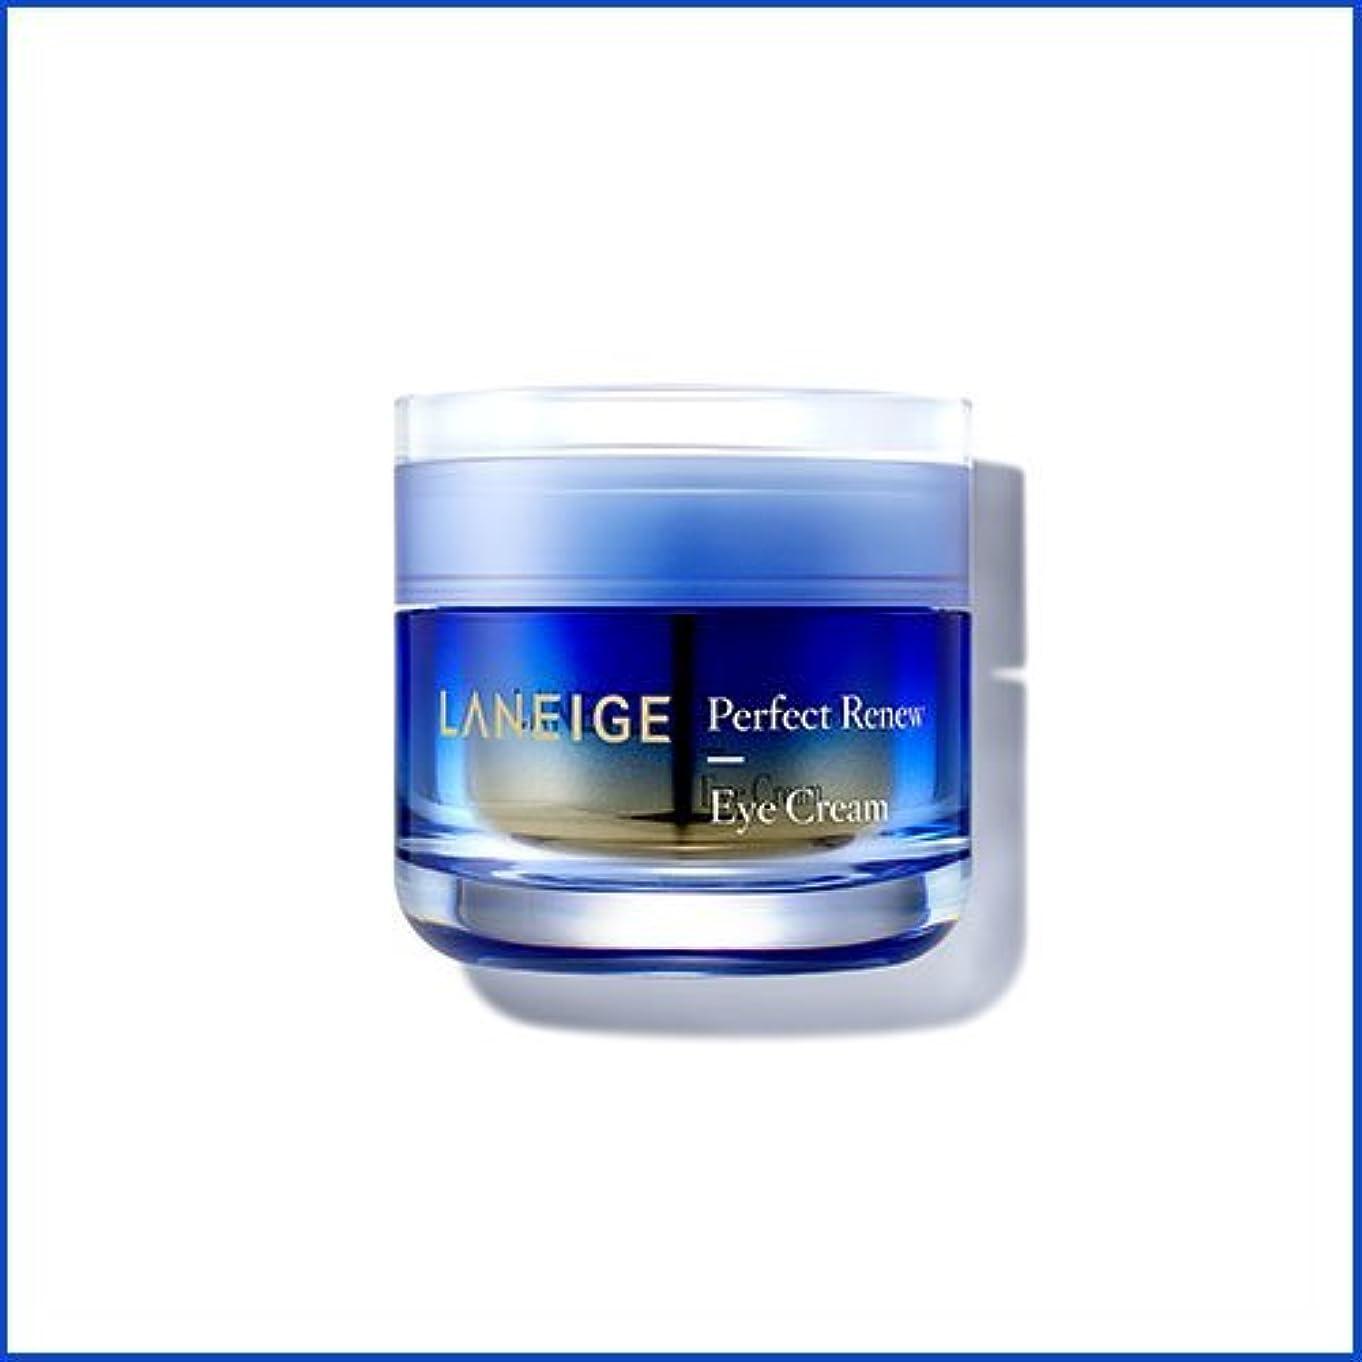 公園踏み台に向かって【ラネージュ】【LANEIGE】【韓国コスメ】【アイクリーム 】 パーフェクト リニュー アイ クリーム 20ml Perfect Renew Eye Cream [並行輸入品]